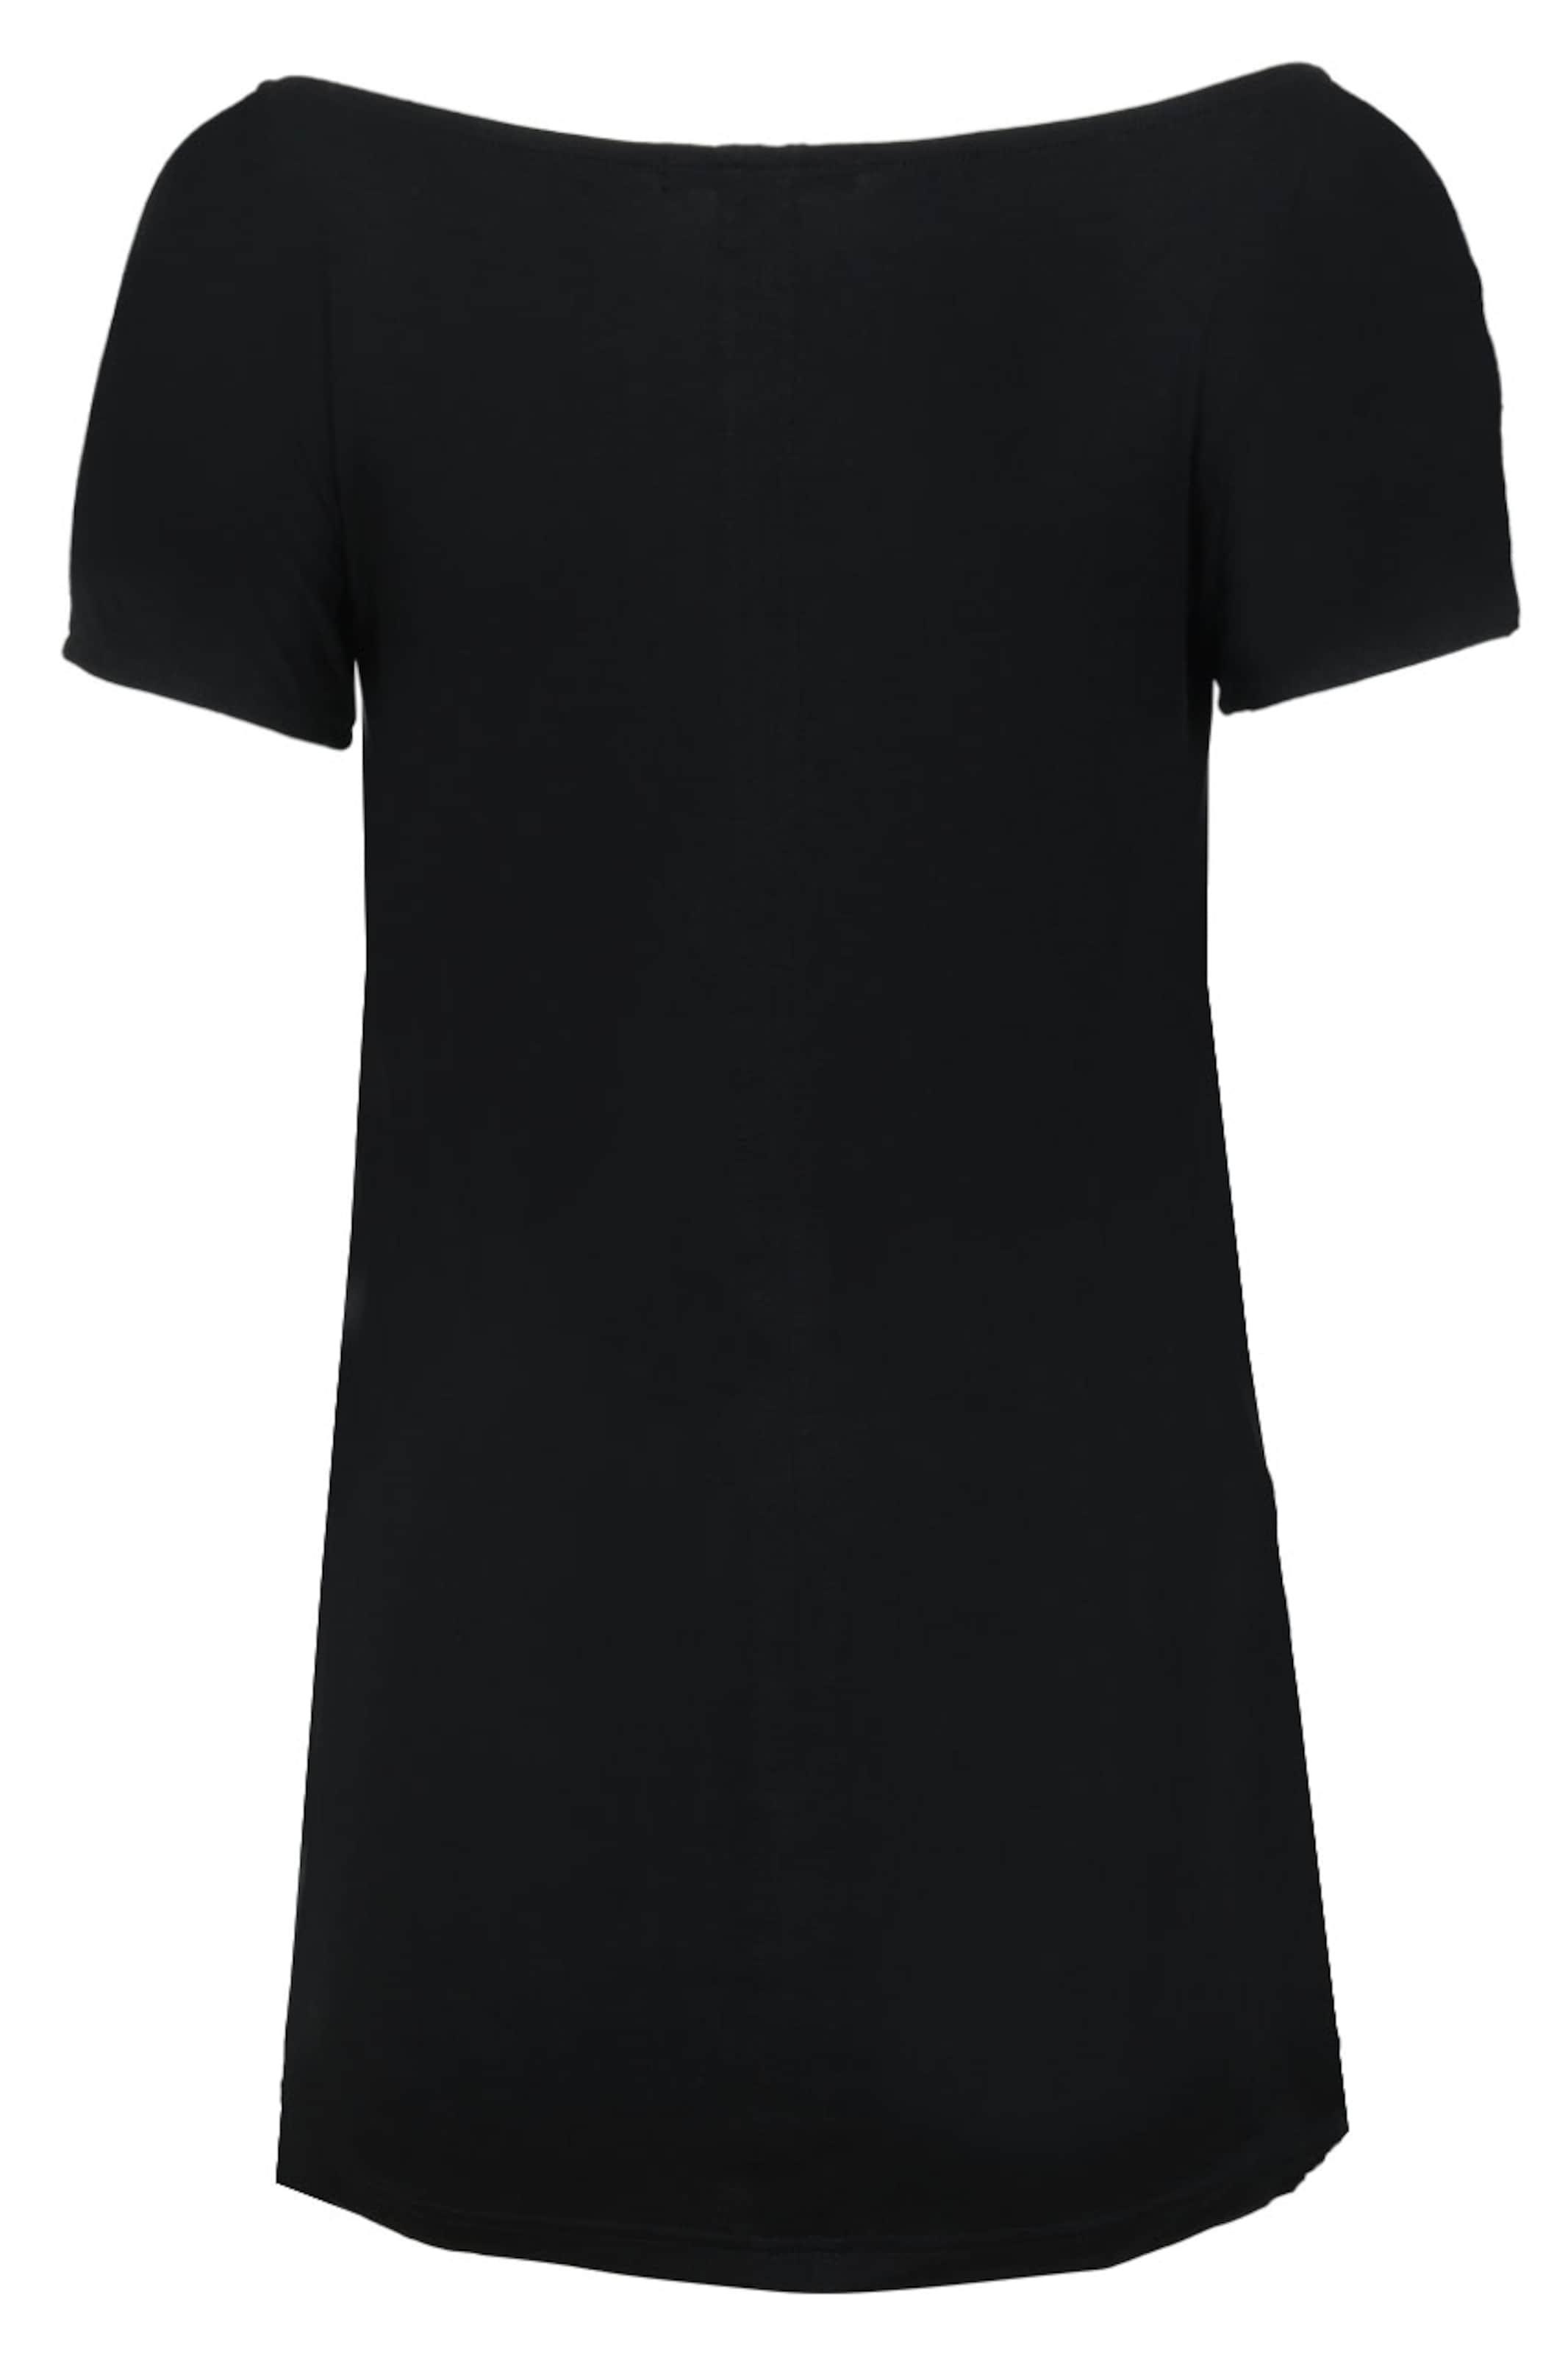 Trueprodigy Schwarz Longshirt In Longshirt 'naira' In Trueprodigy 'naira' KlFcT1J